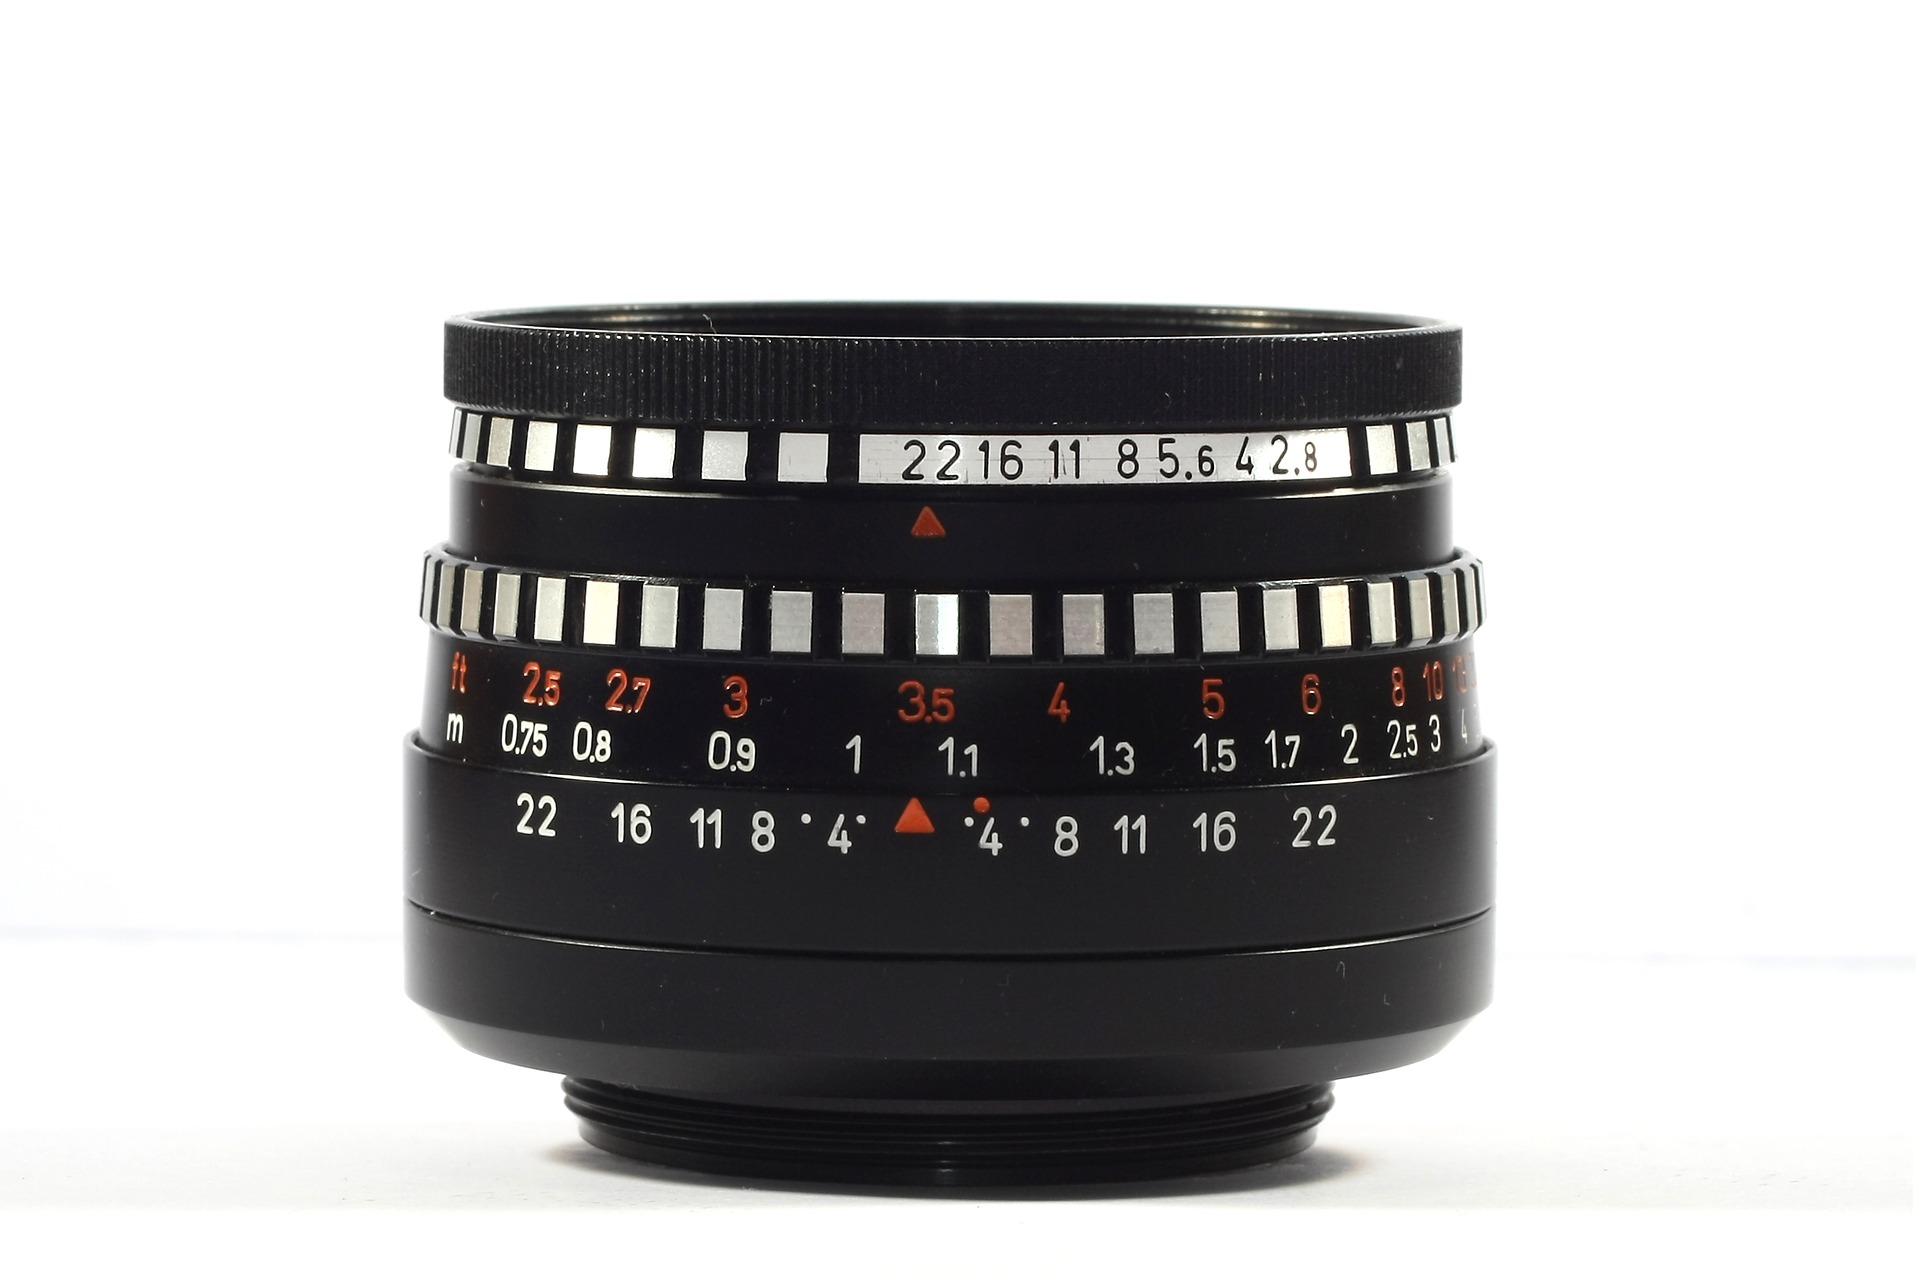 lens-3354498_1920